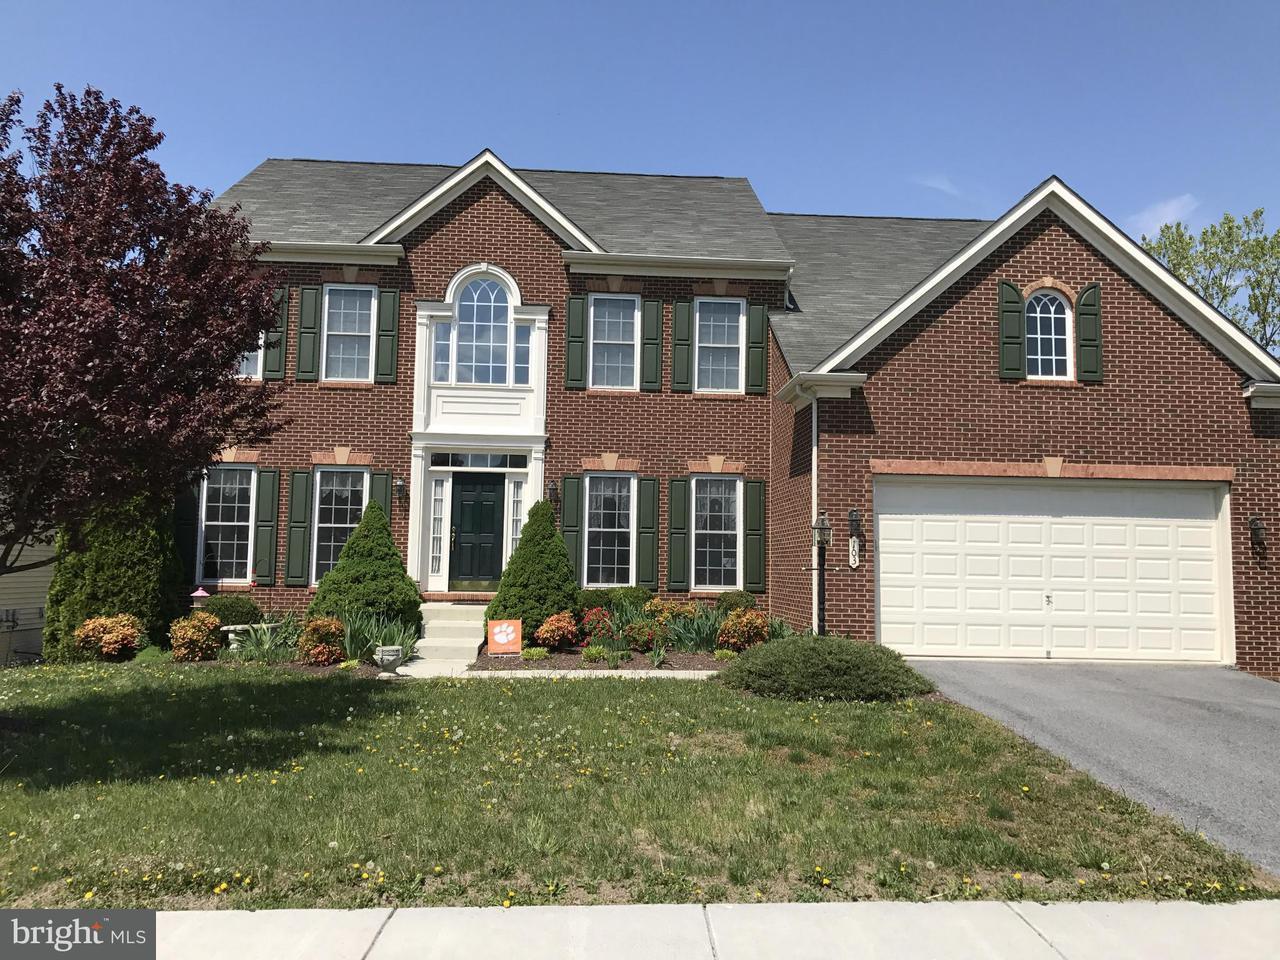 獨棟家庭住宅 為 出售 在 103 Jillian Court 103 Jillian Court Edinburg, 弗吉尼亞州 22824 美國